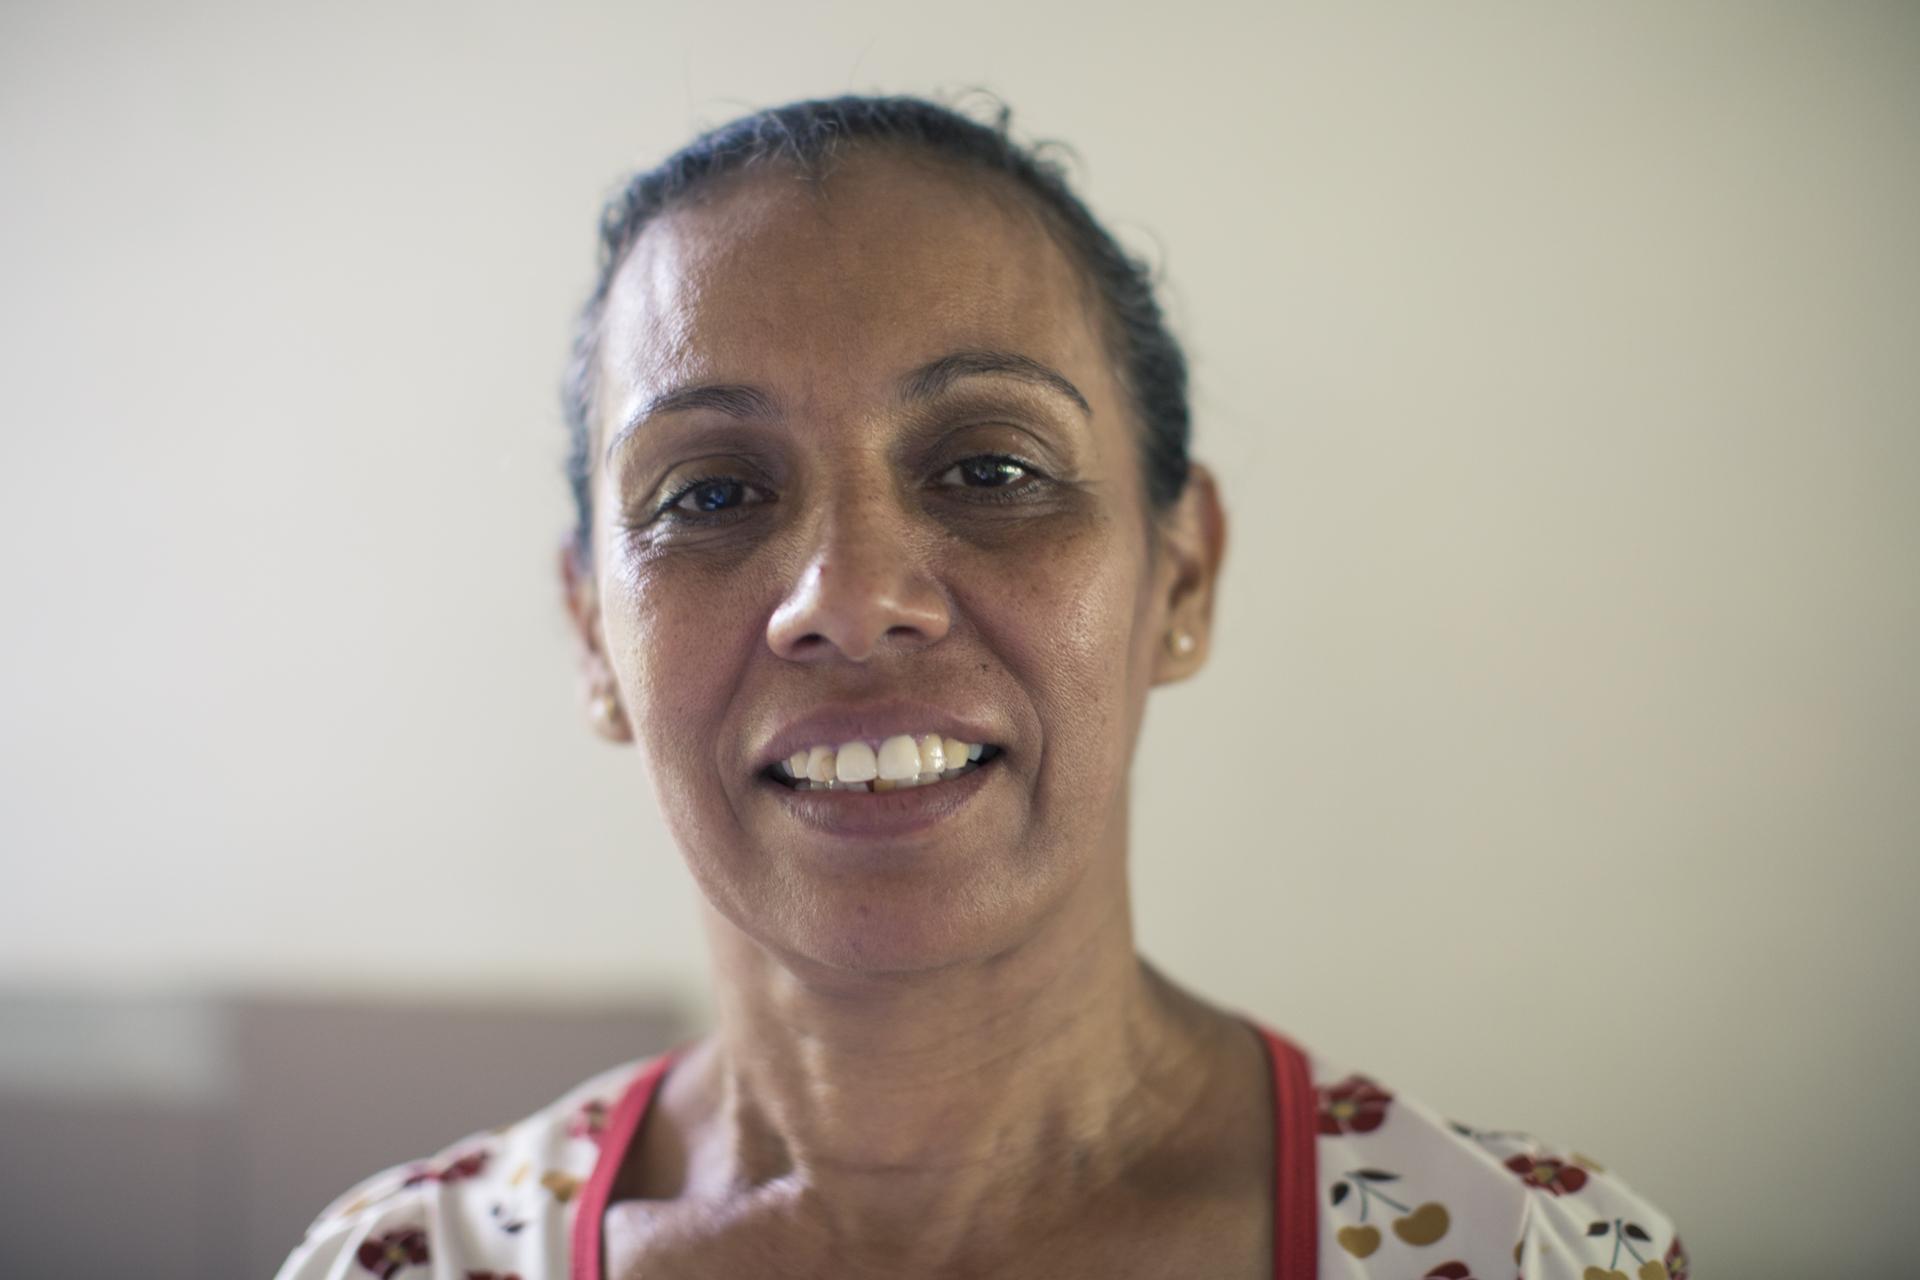 Como madre de una hija universitaria, doña Rosa sigue impulsando a su comunidad a seguir luchando por la educación y una comunidad unida para seguir hacia un futuro mejor.